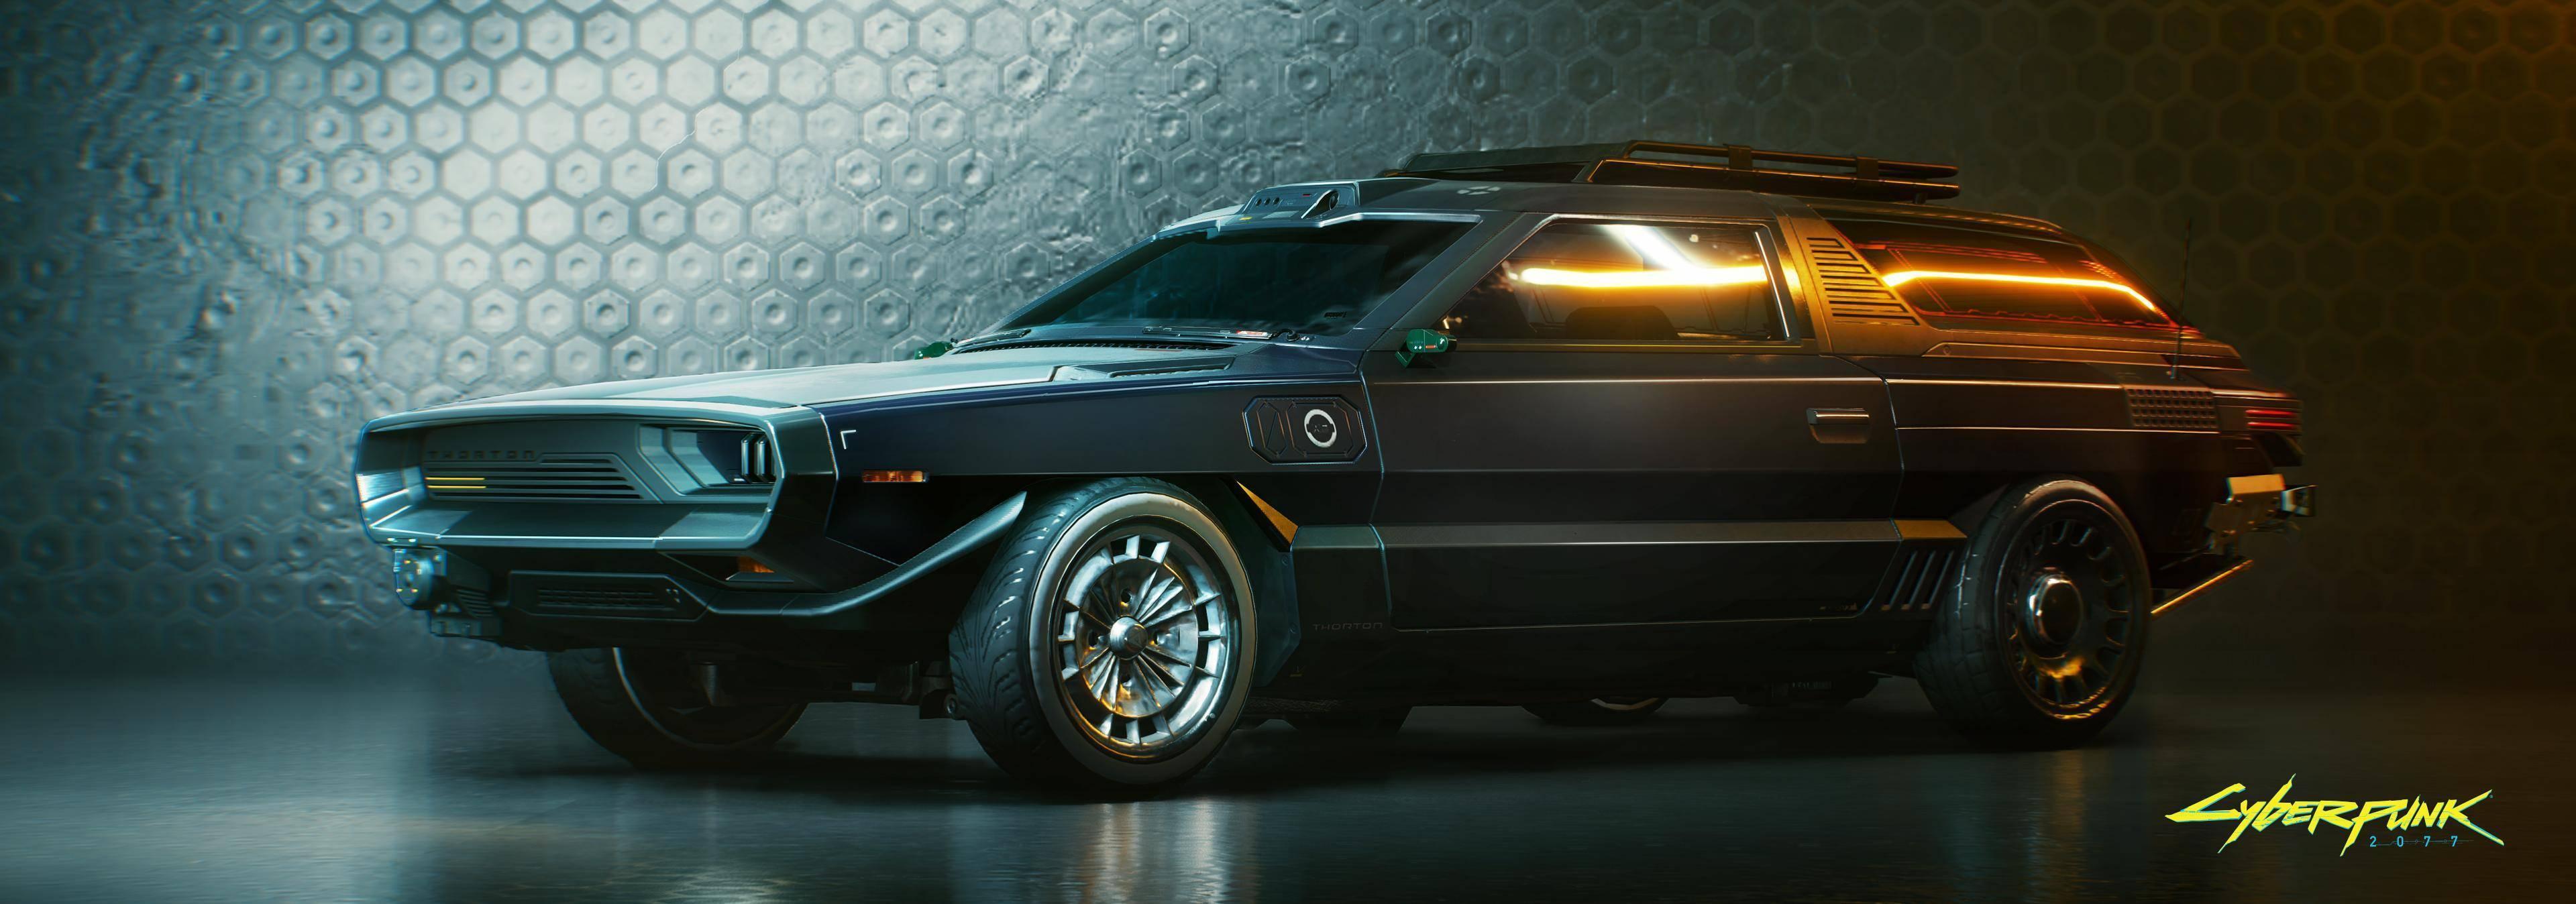 사이버펑크 2077 오토바이랑 차량 | 인스티즈